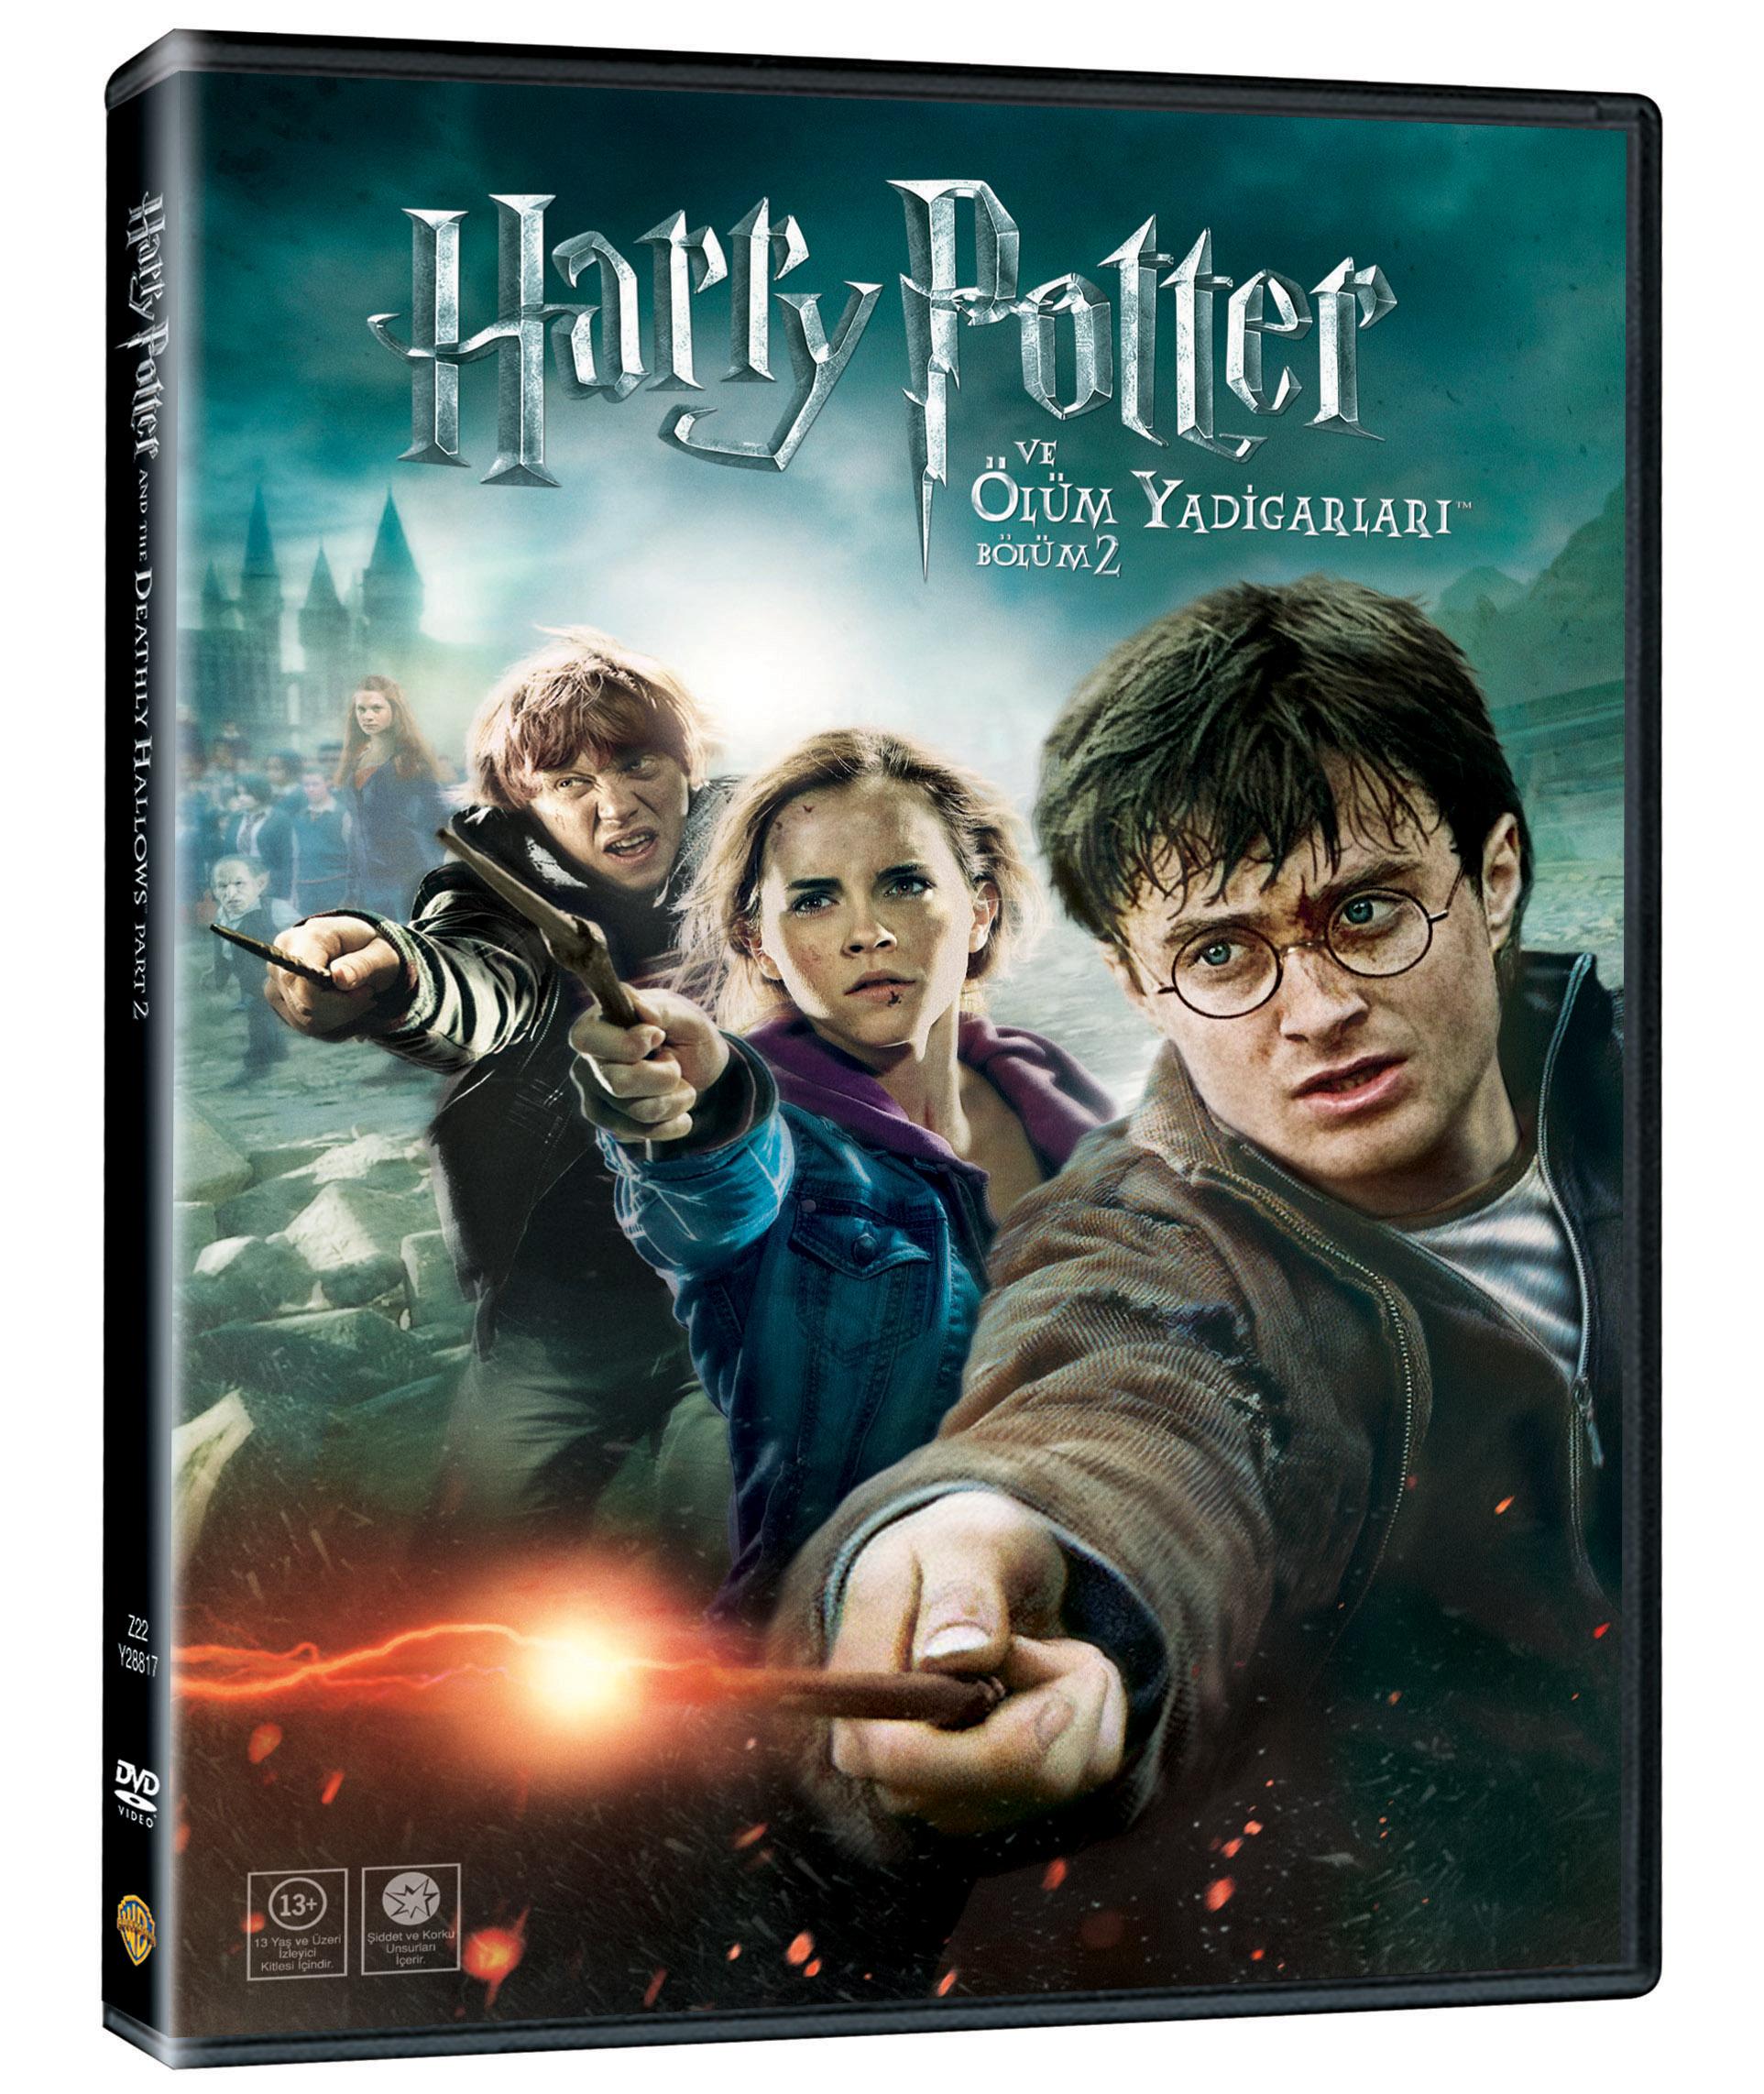 Презентация Фильма Гарри Поттер И Дары Смерти 2